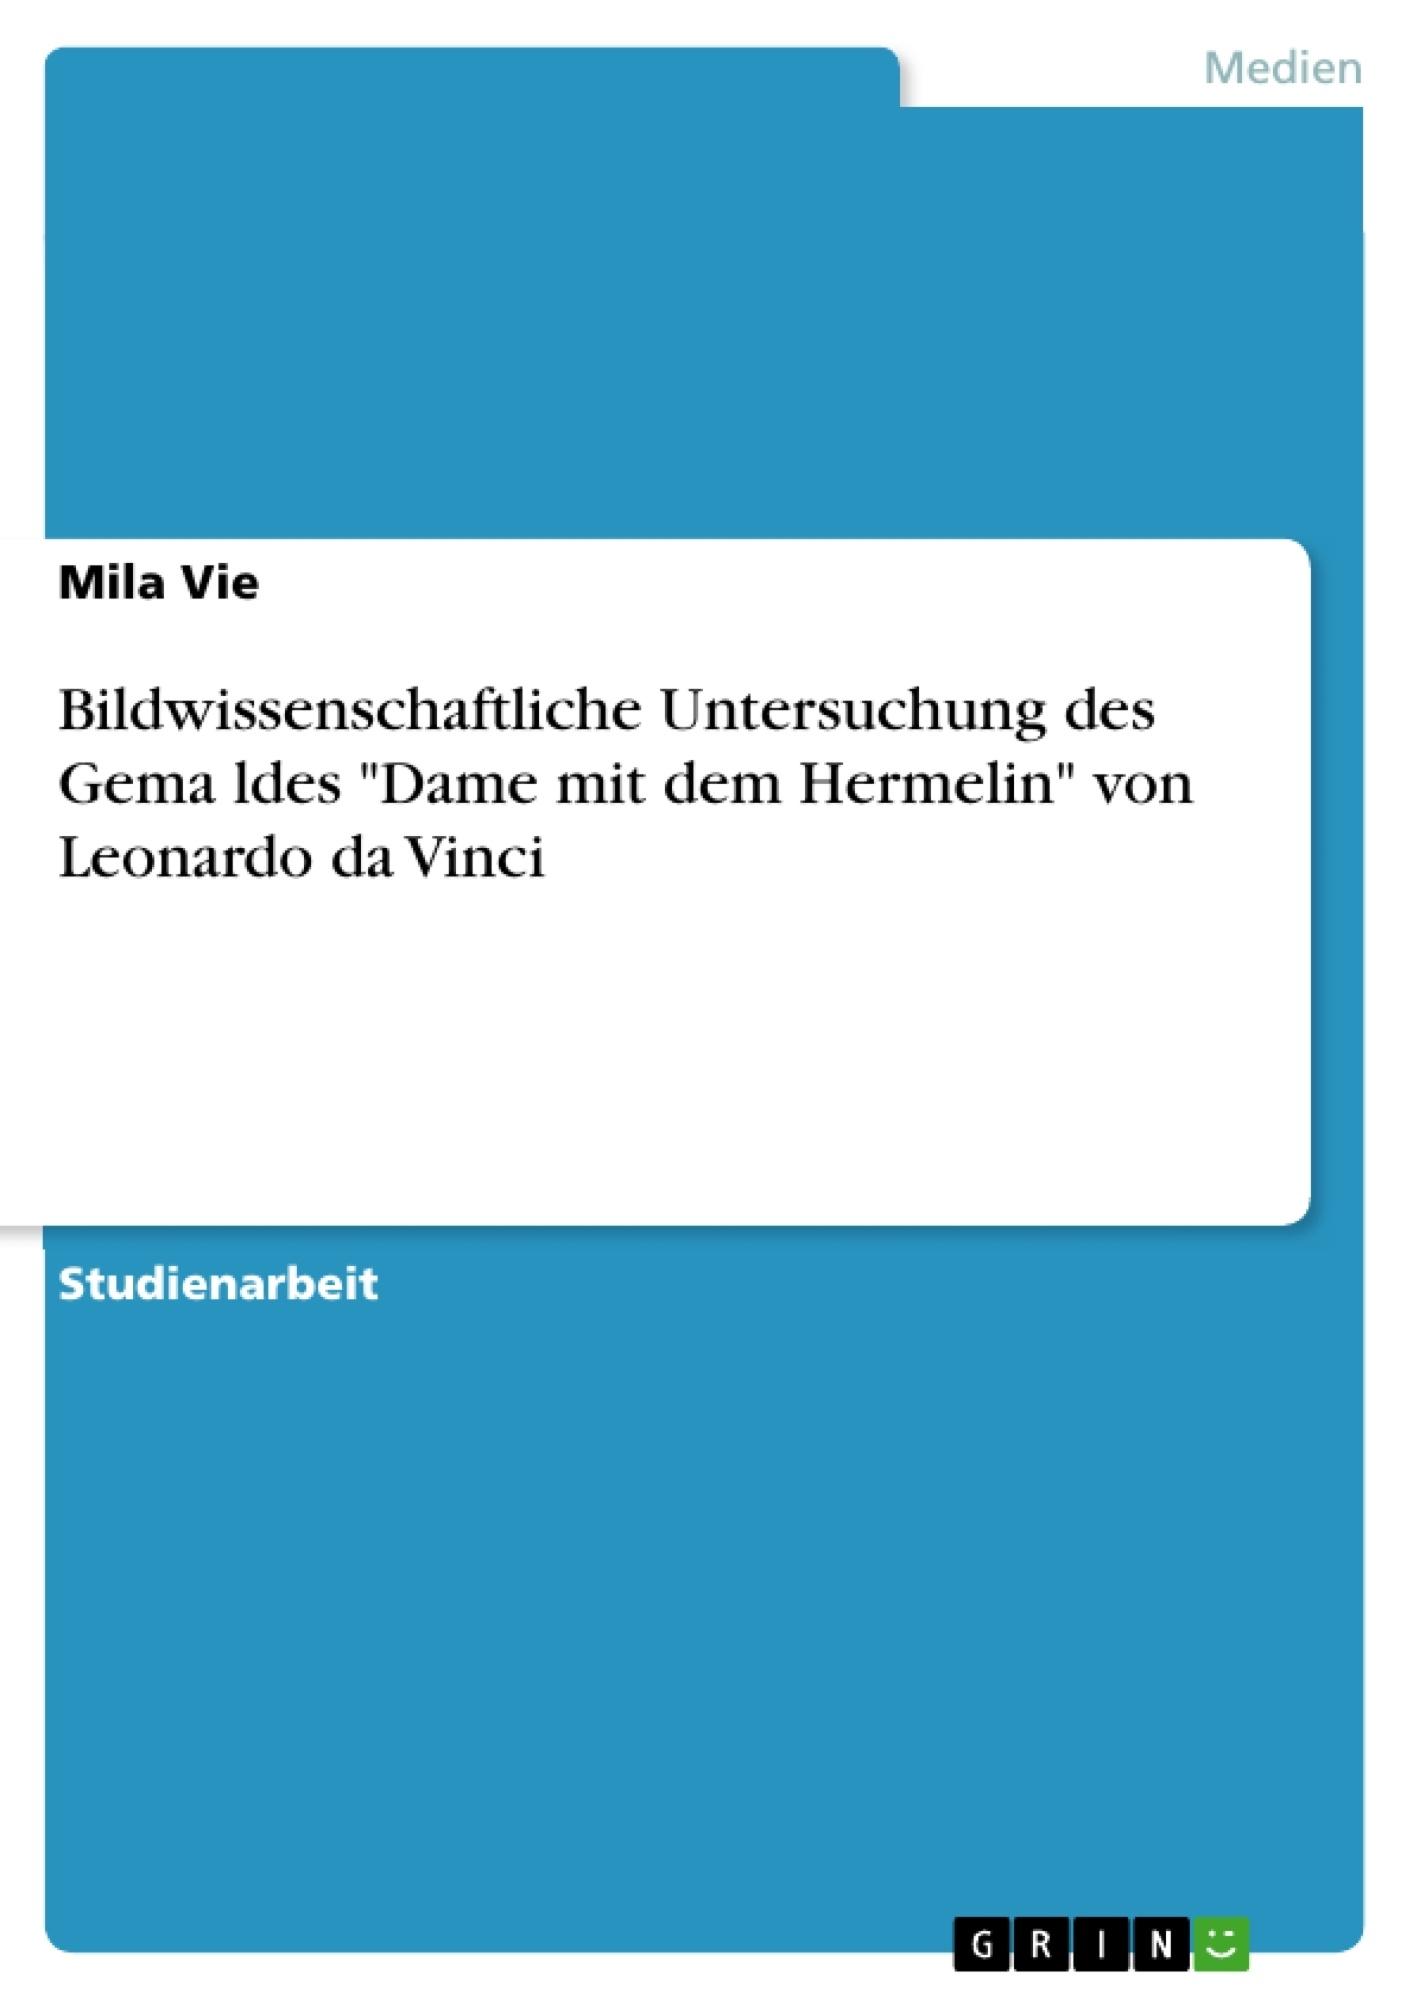 """Titel: Bildwissenschaftliche Untersuchung des Gemäldes """"Dame mit dem Hermelin"""" von Leonardo da Vinci"""